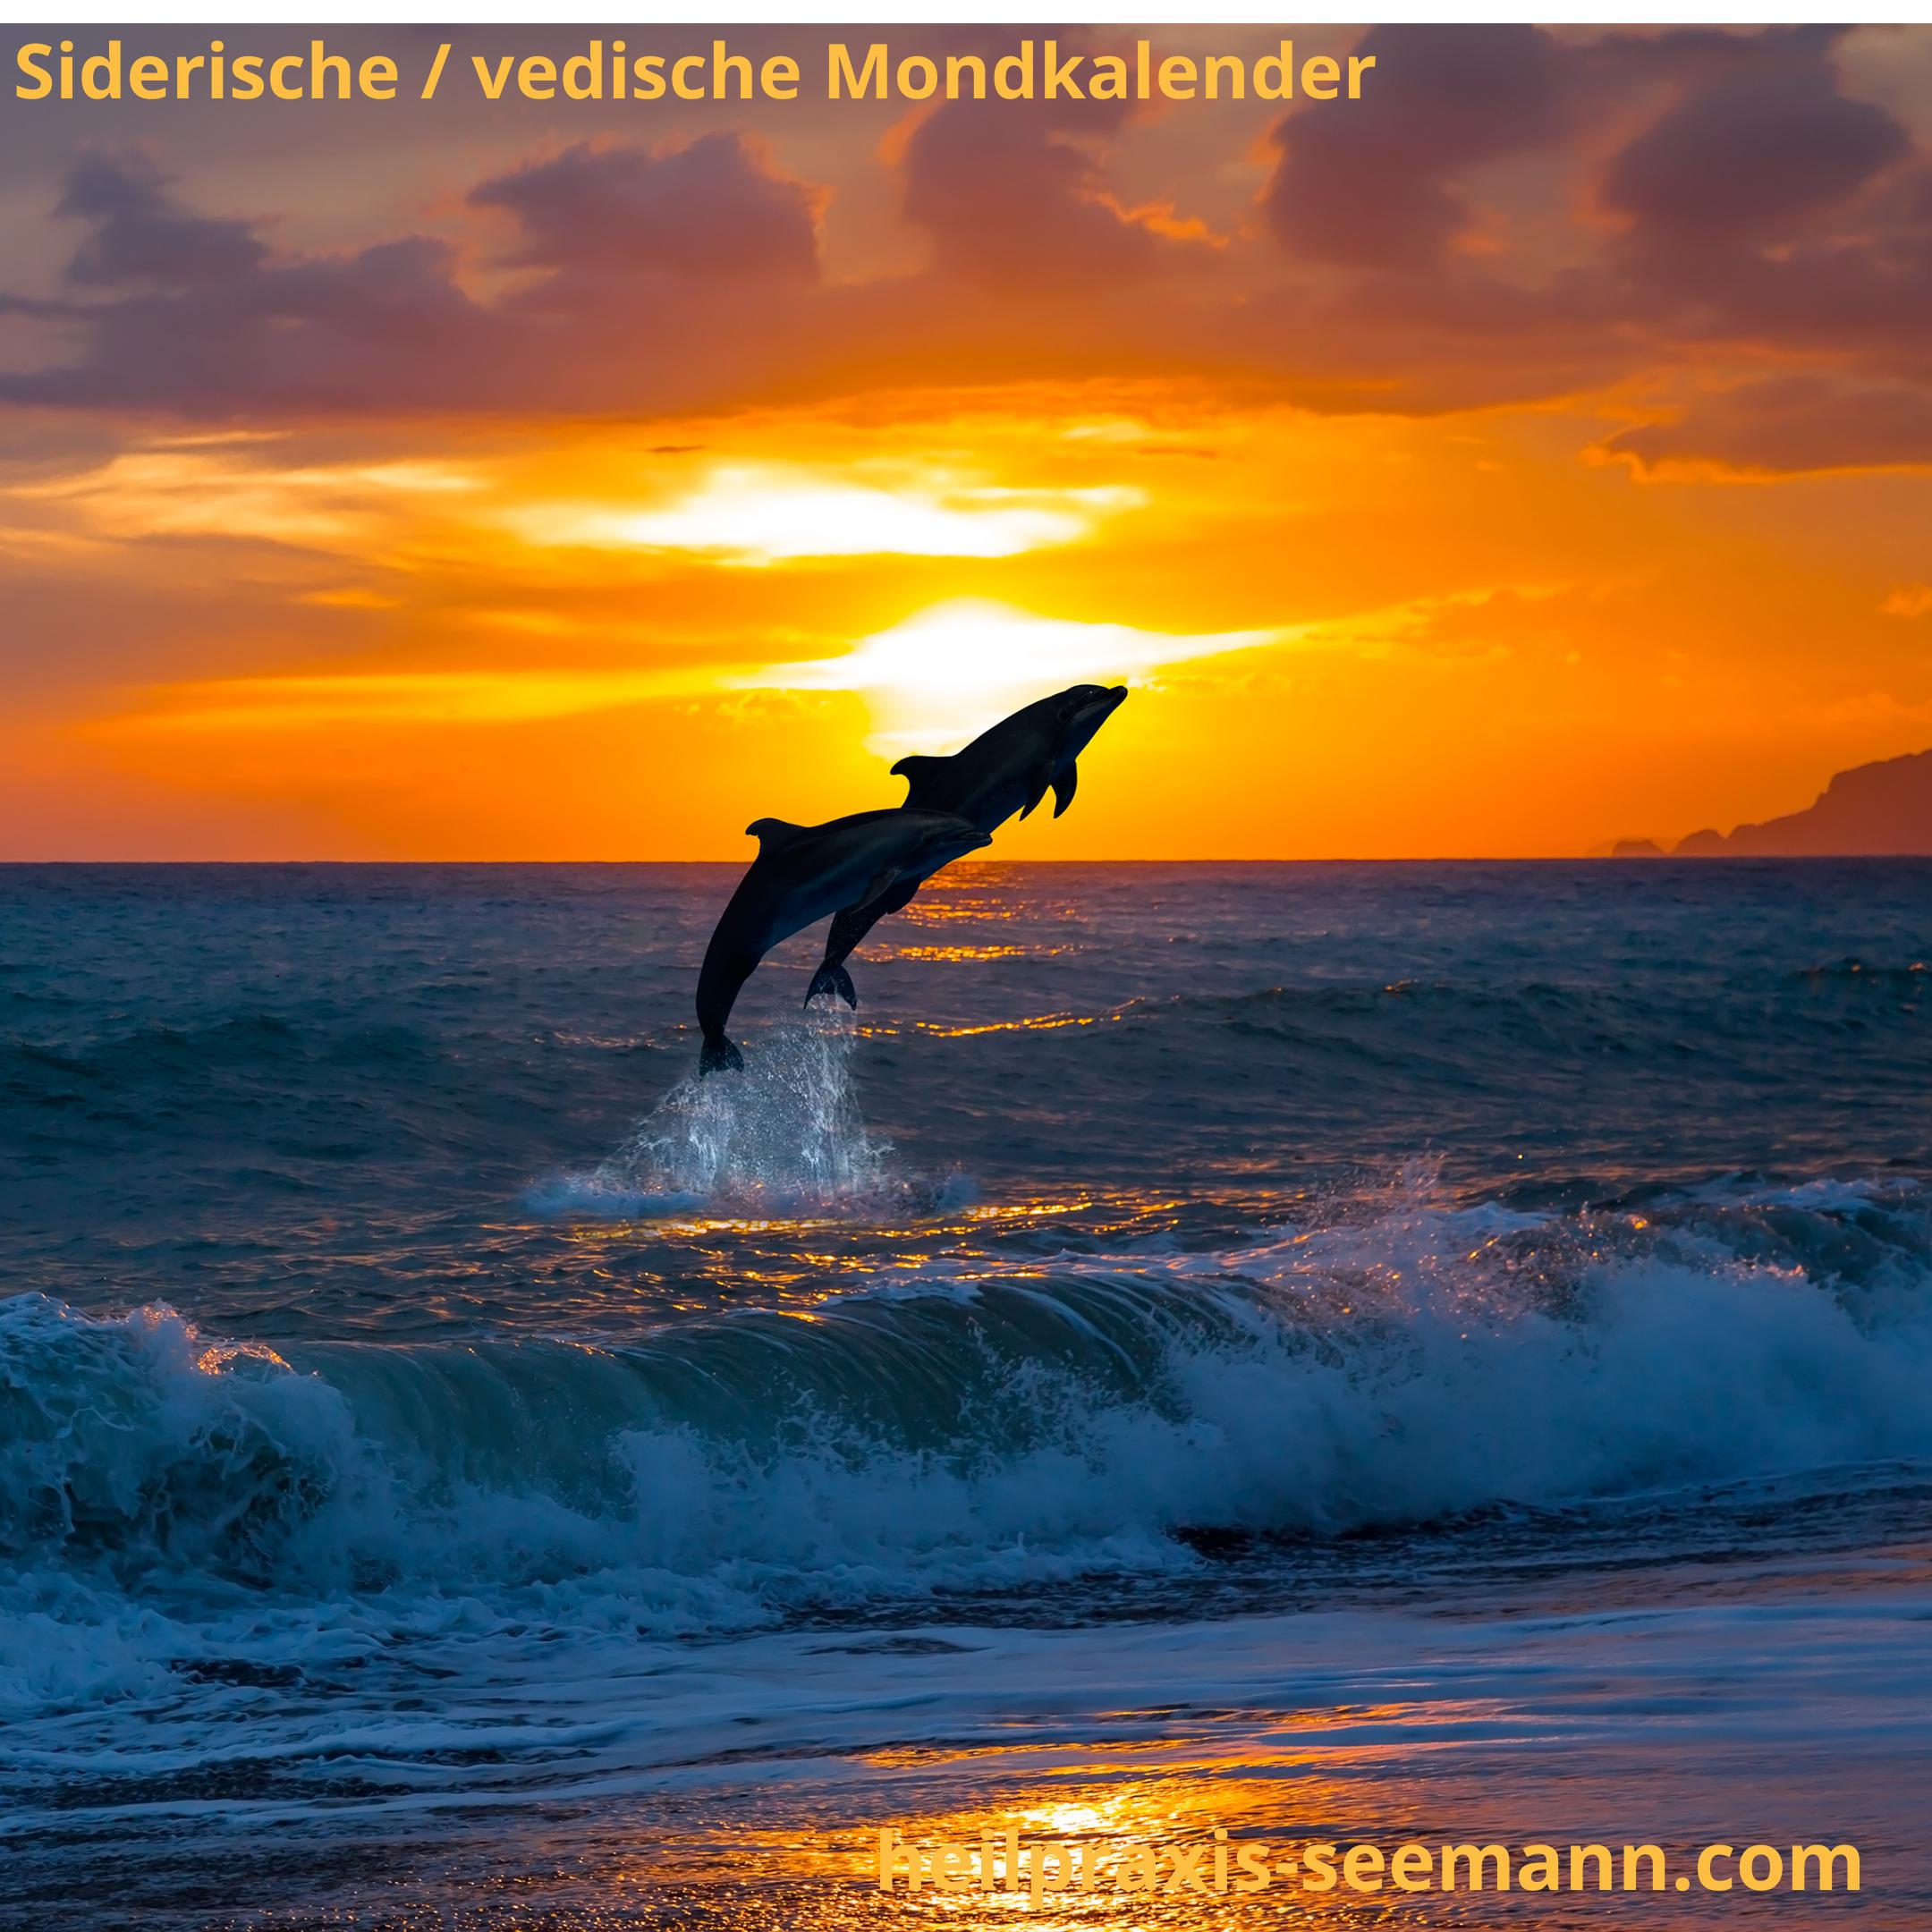 Siderische Mondkalender delfin